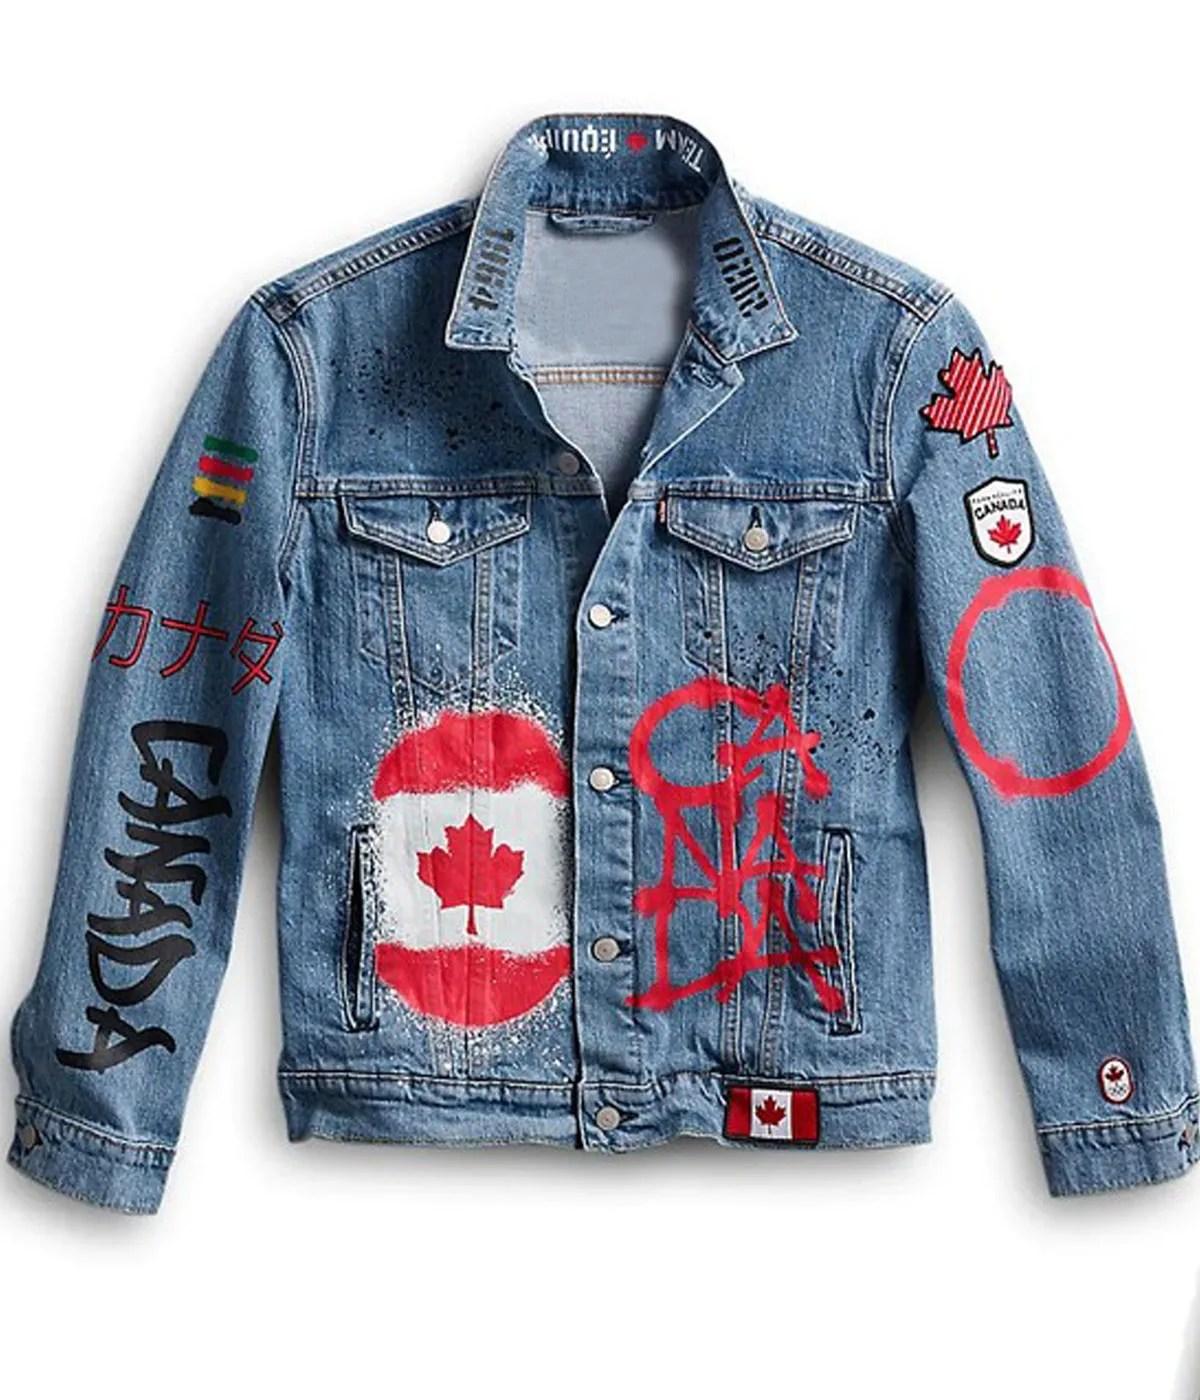 canada-olympic-denim-jacket